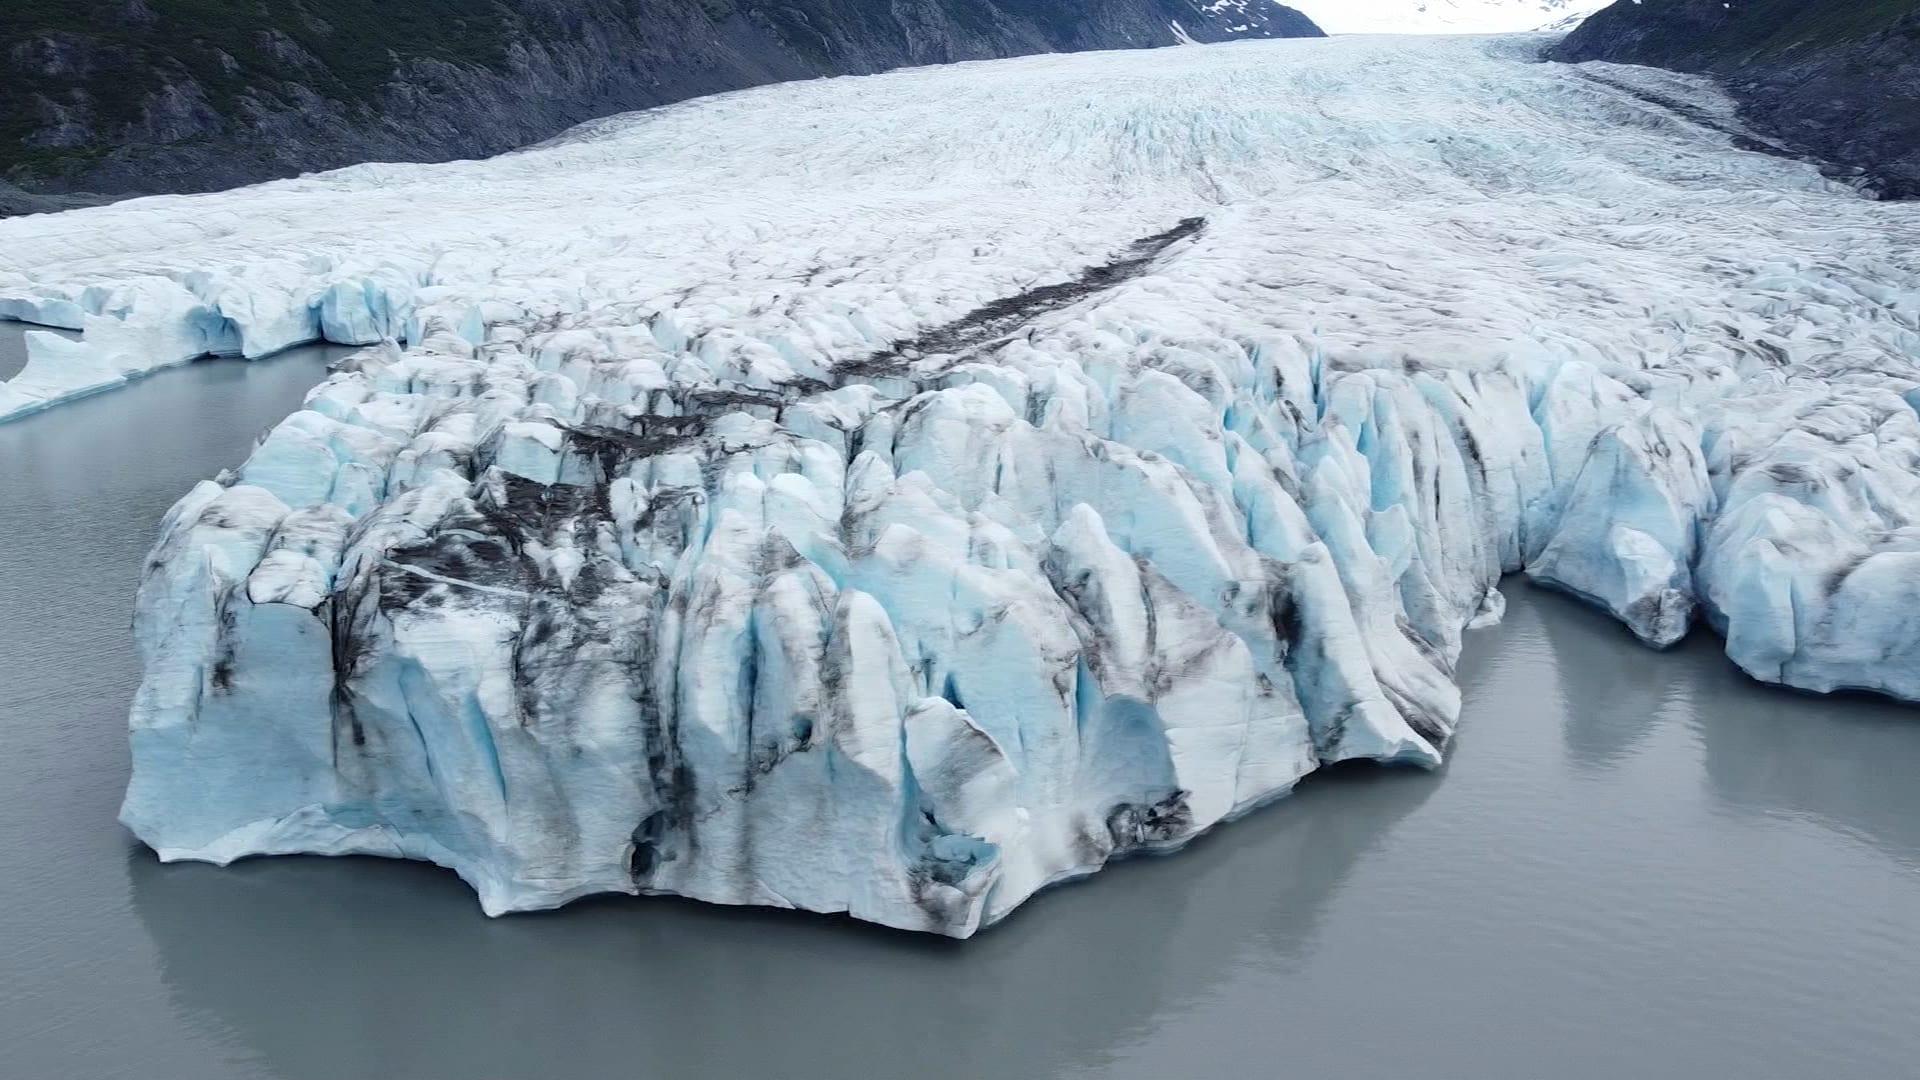 جوهرة مخفية.. استكشف نهر سبنسر الجليدي في ألاسكا بأمريكا